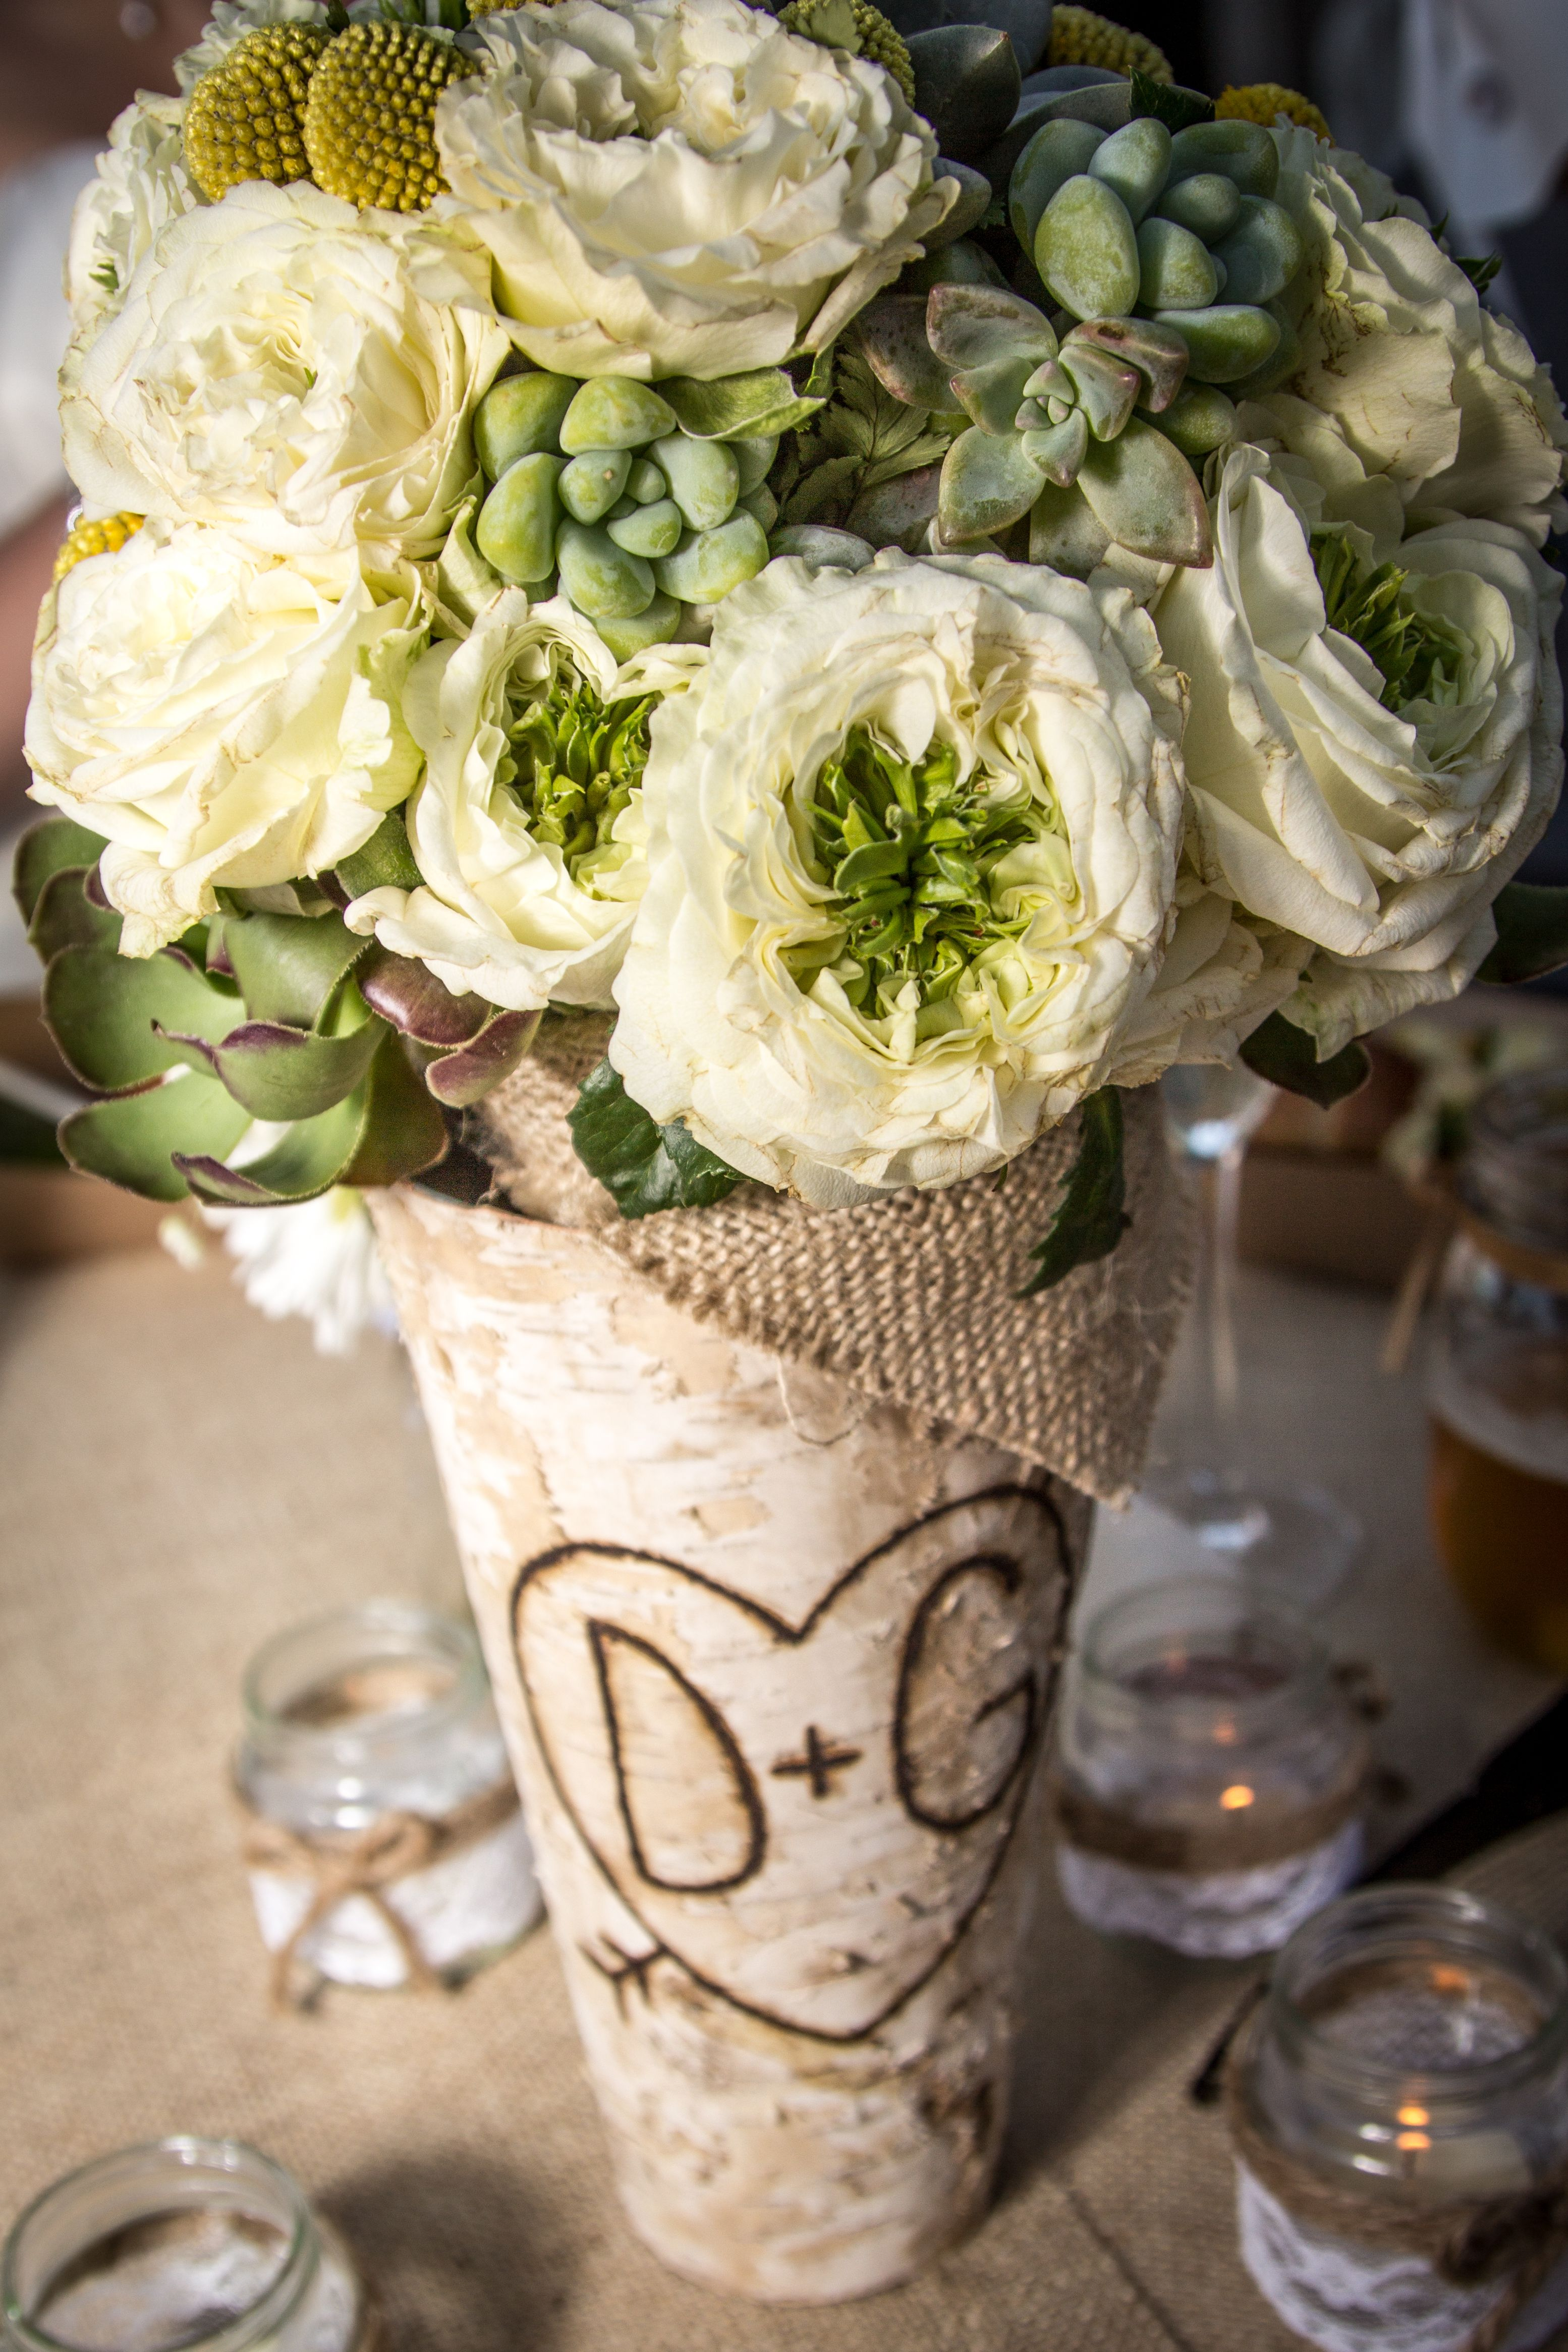 Brides bouquet in bouquet holder flower power pinterest brides bouquet in bouquet holder izmirmasajfo